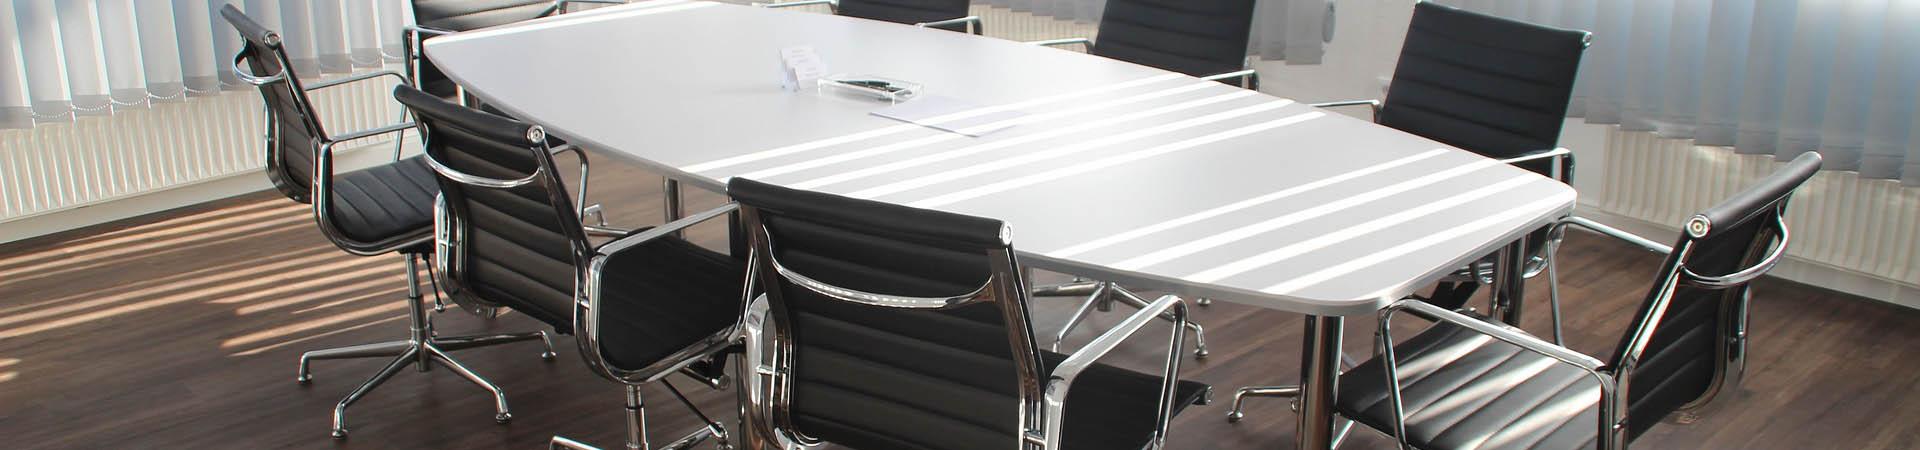 Assicurazione Professionisti (Avvocati, Geometri, Commercialisti...)